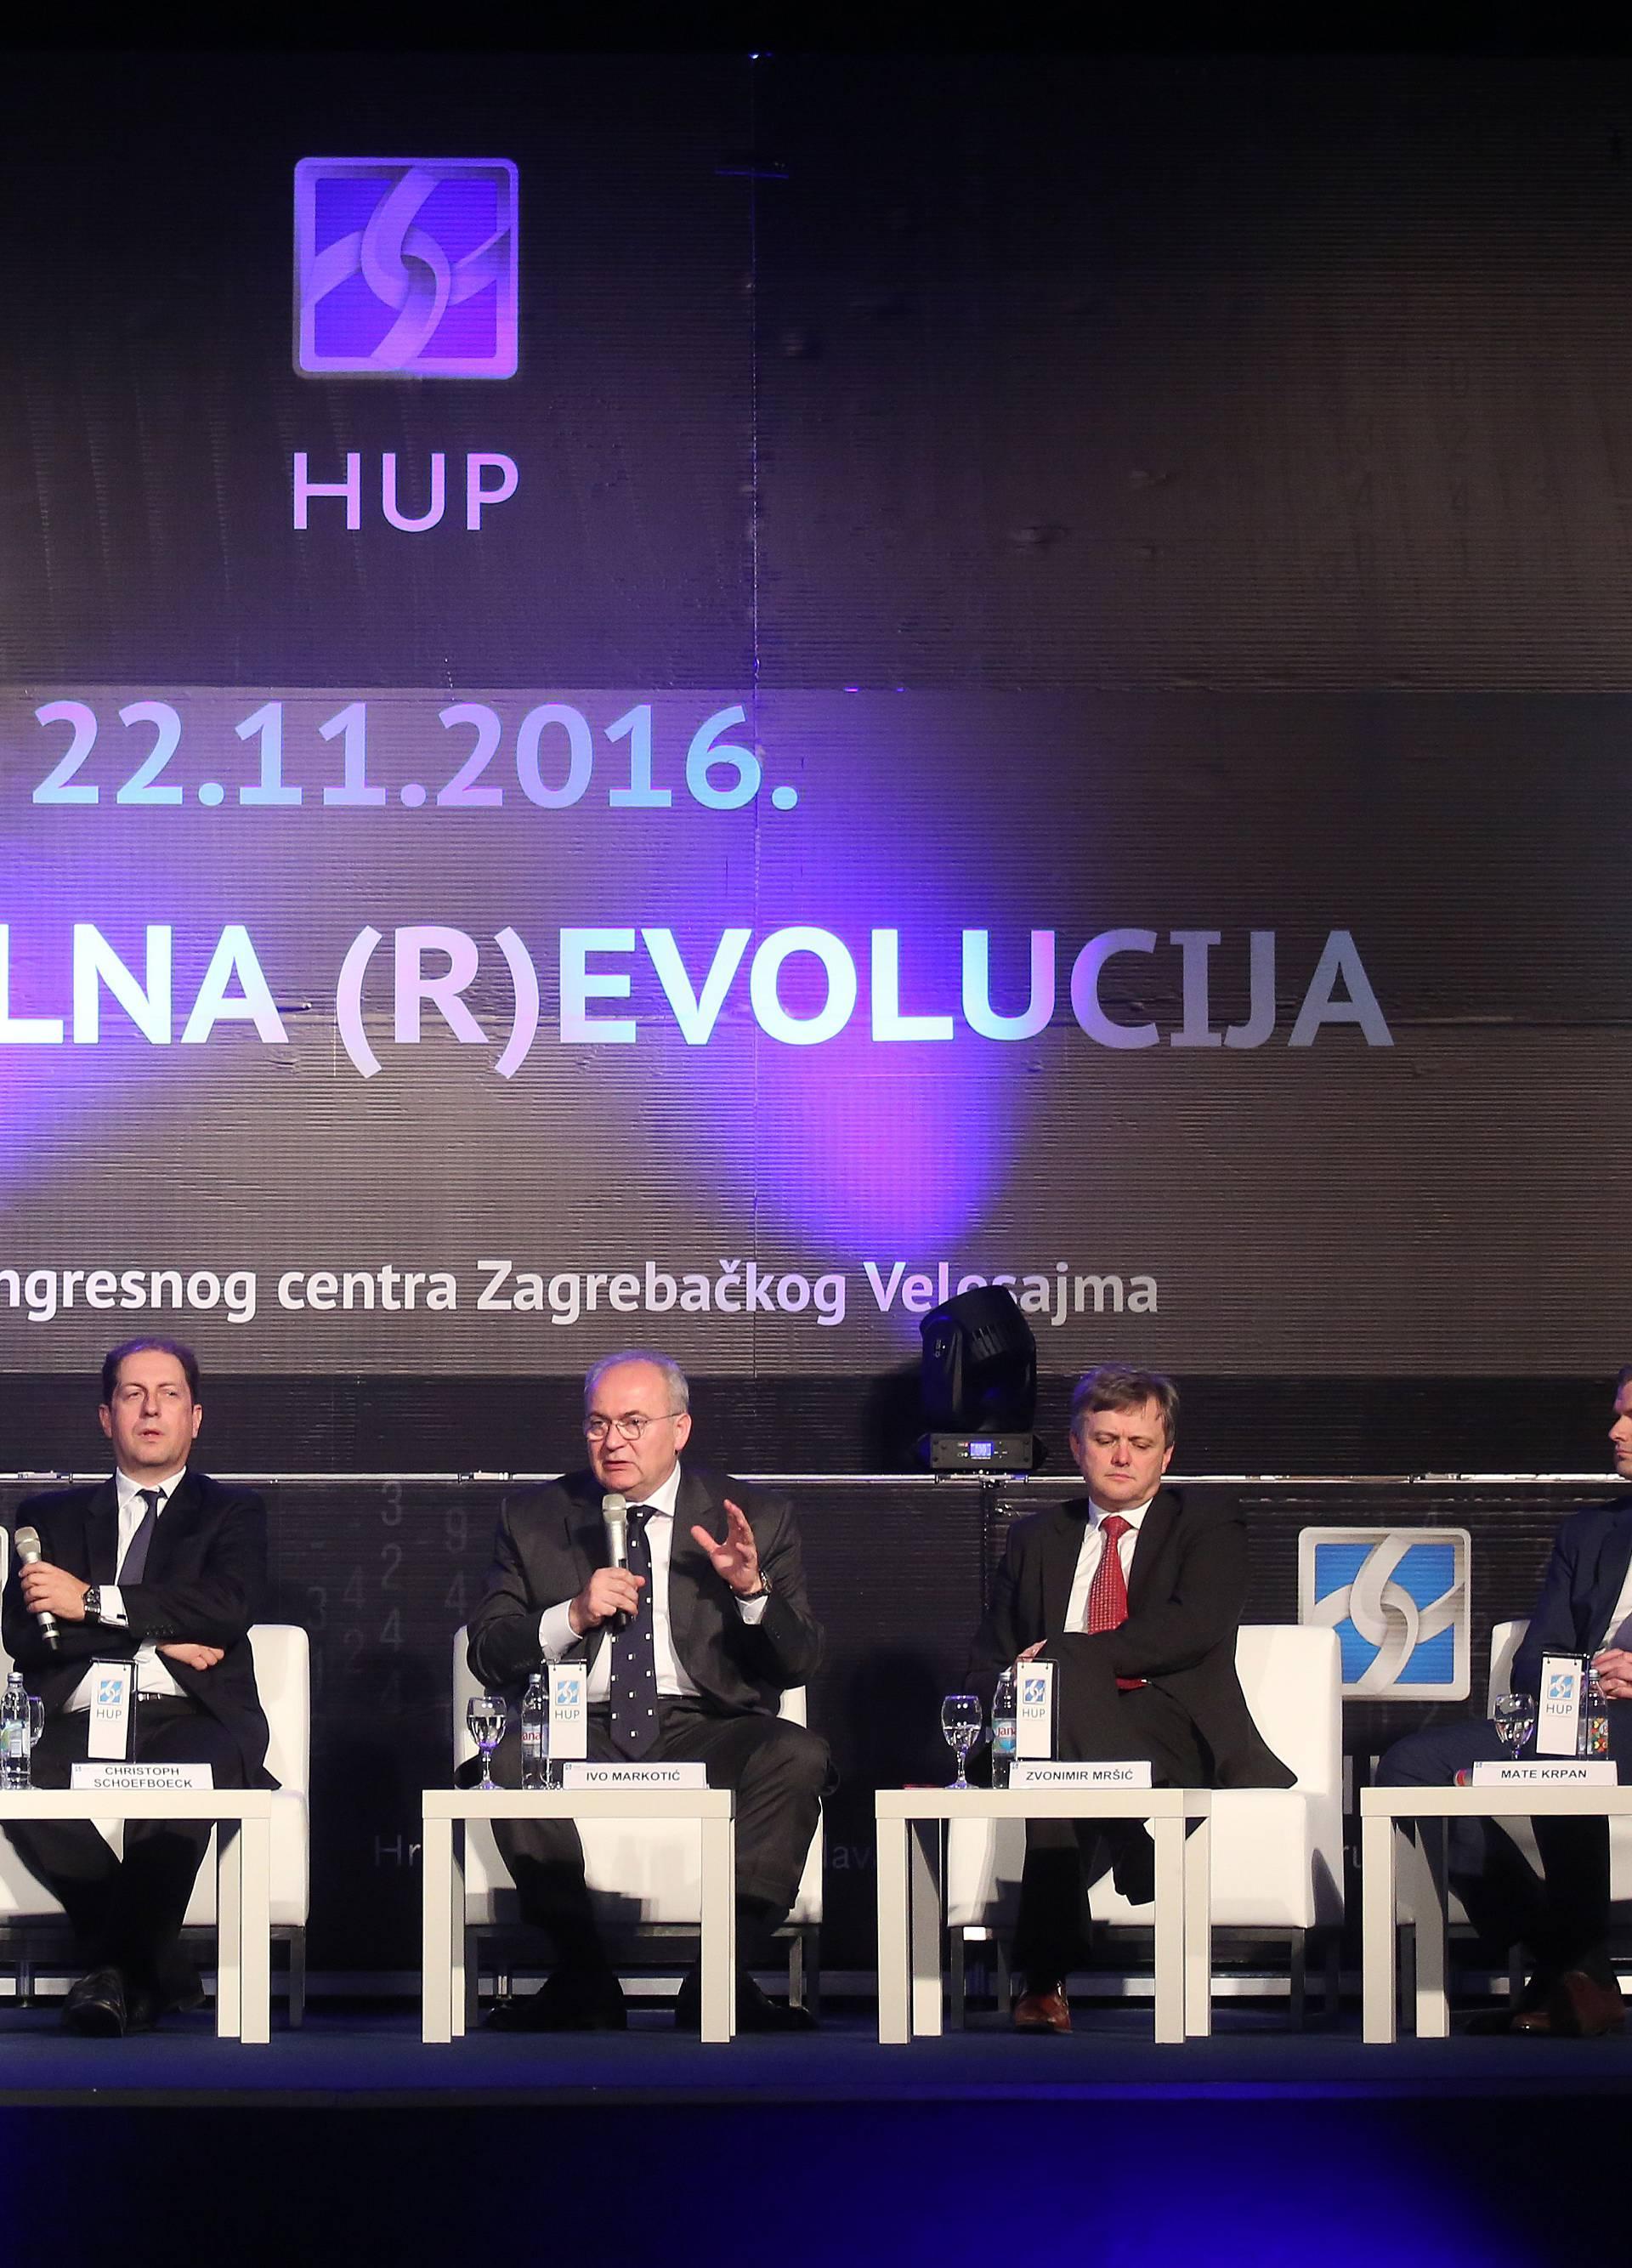 Nova era: Digitalno poslovanje je ključ uspjeha u budućnosti